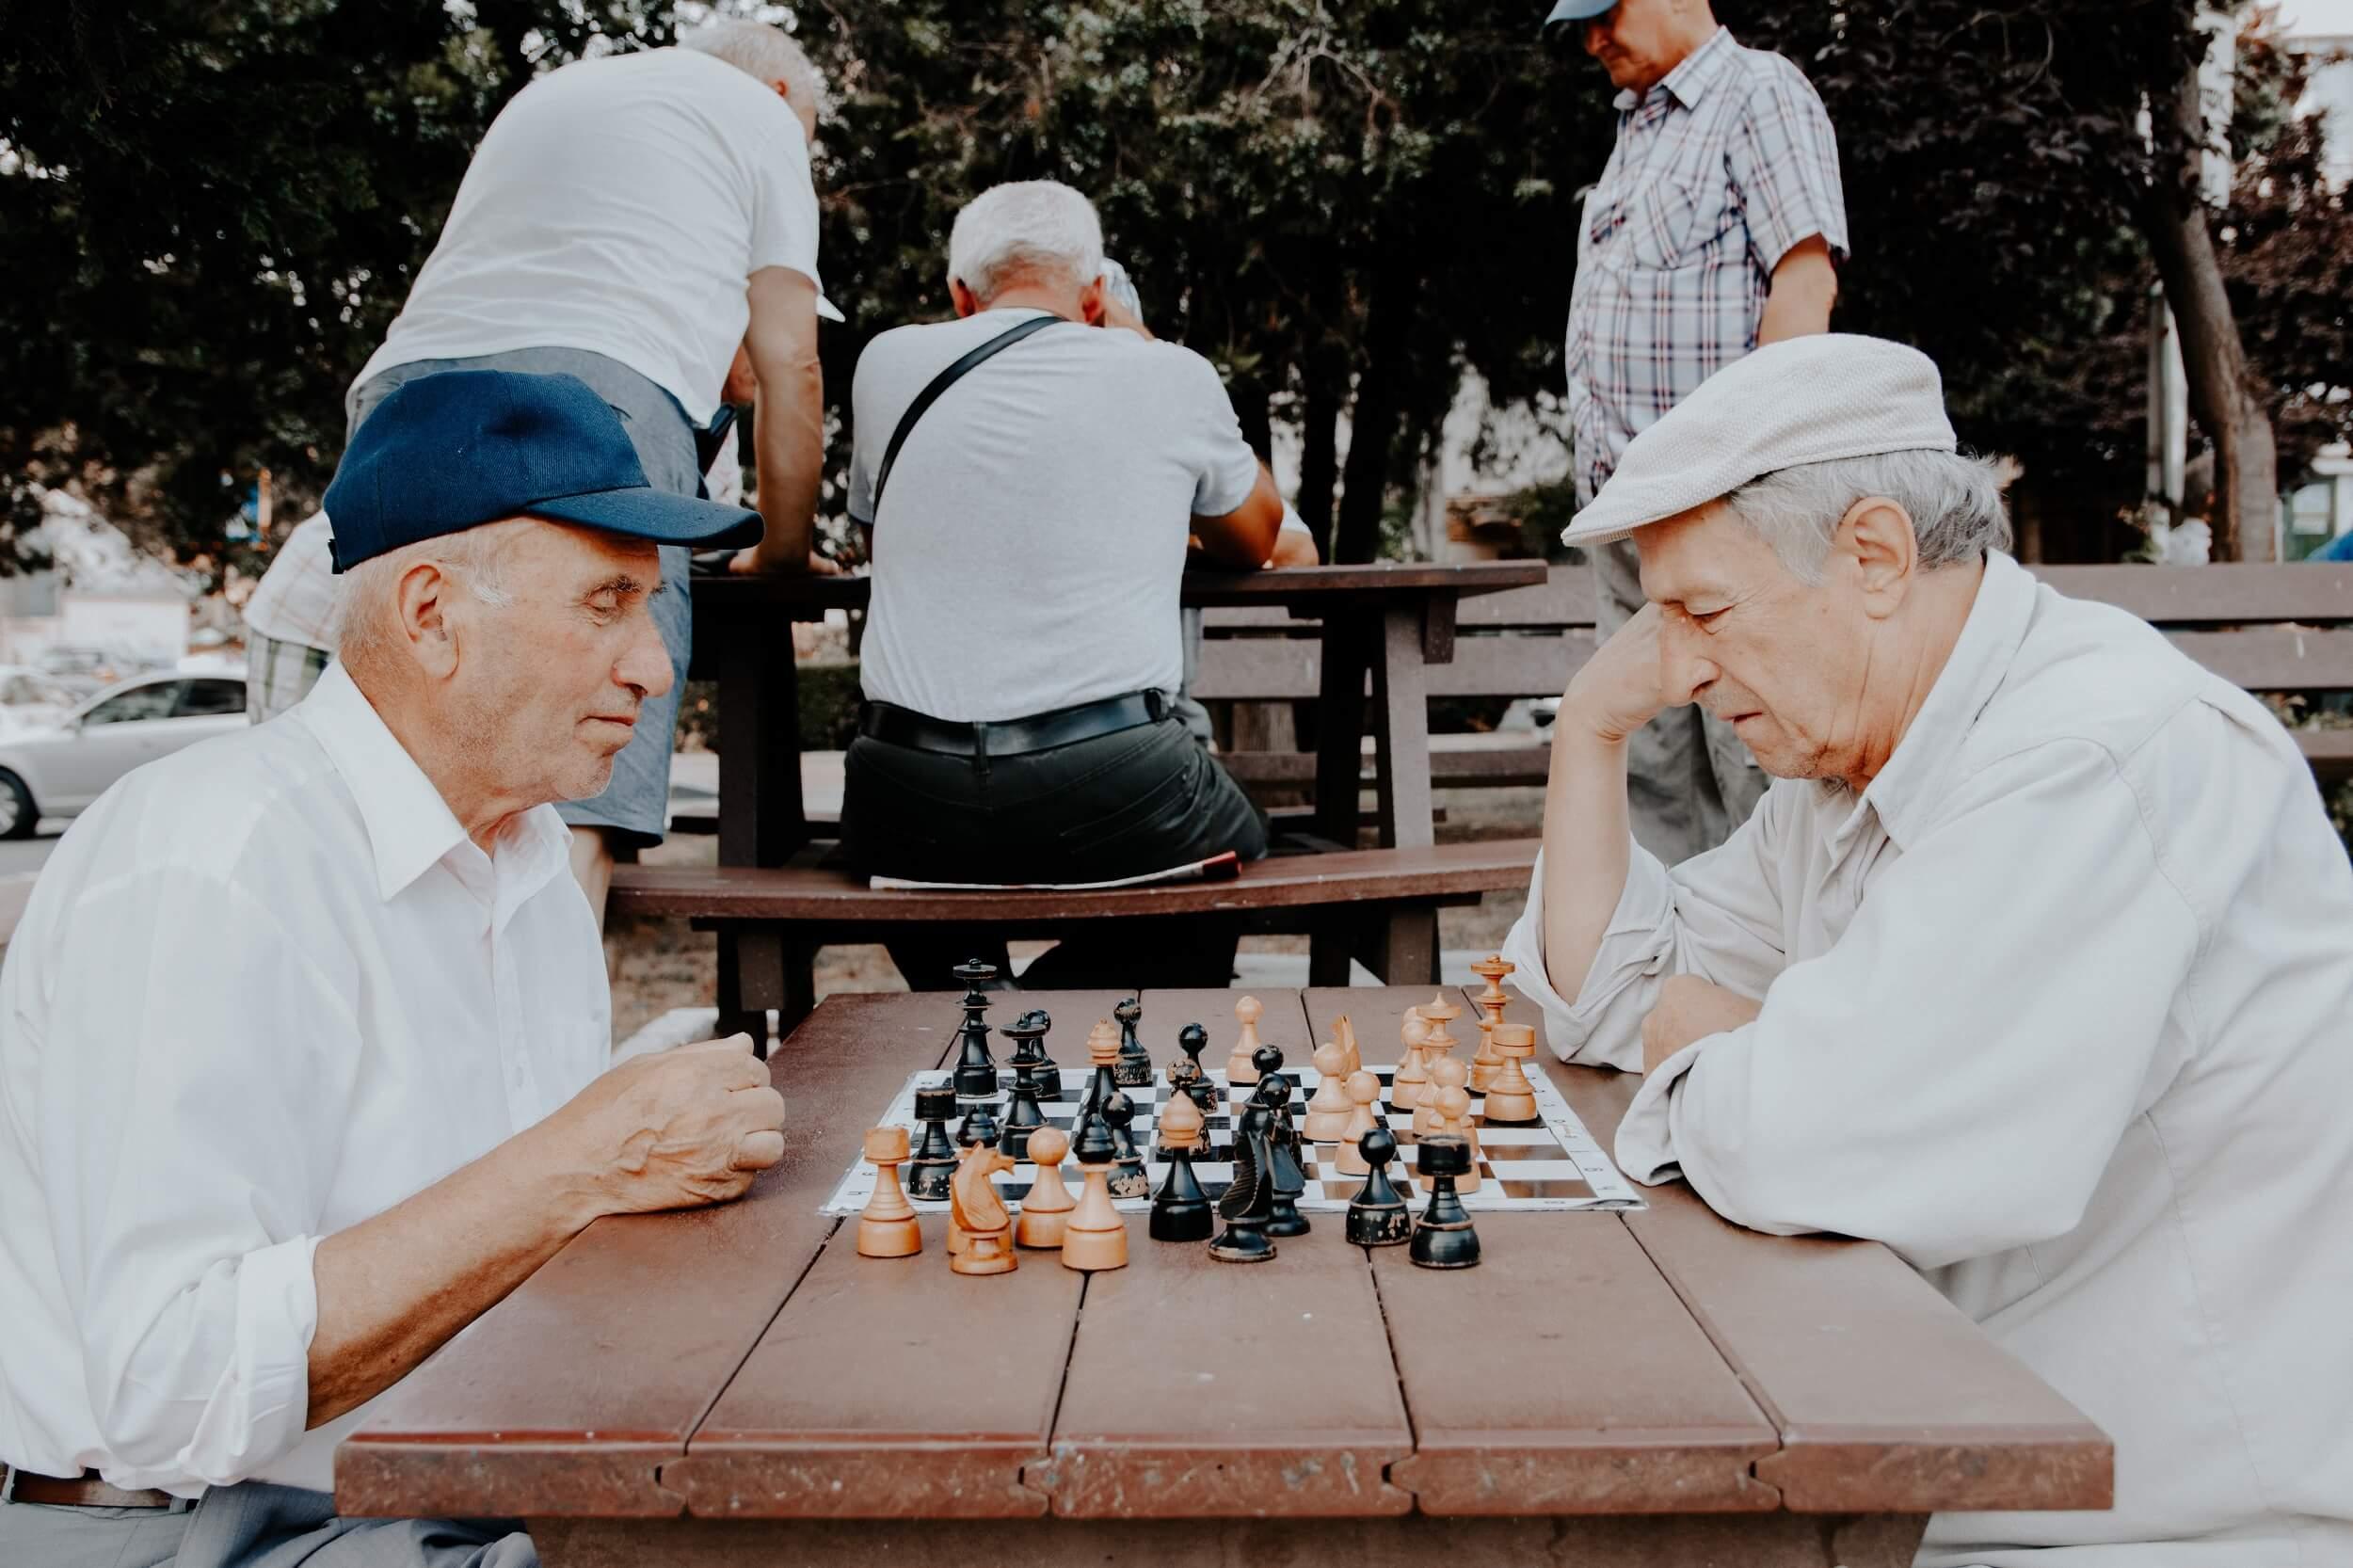 Bewohner beim Schach spielen